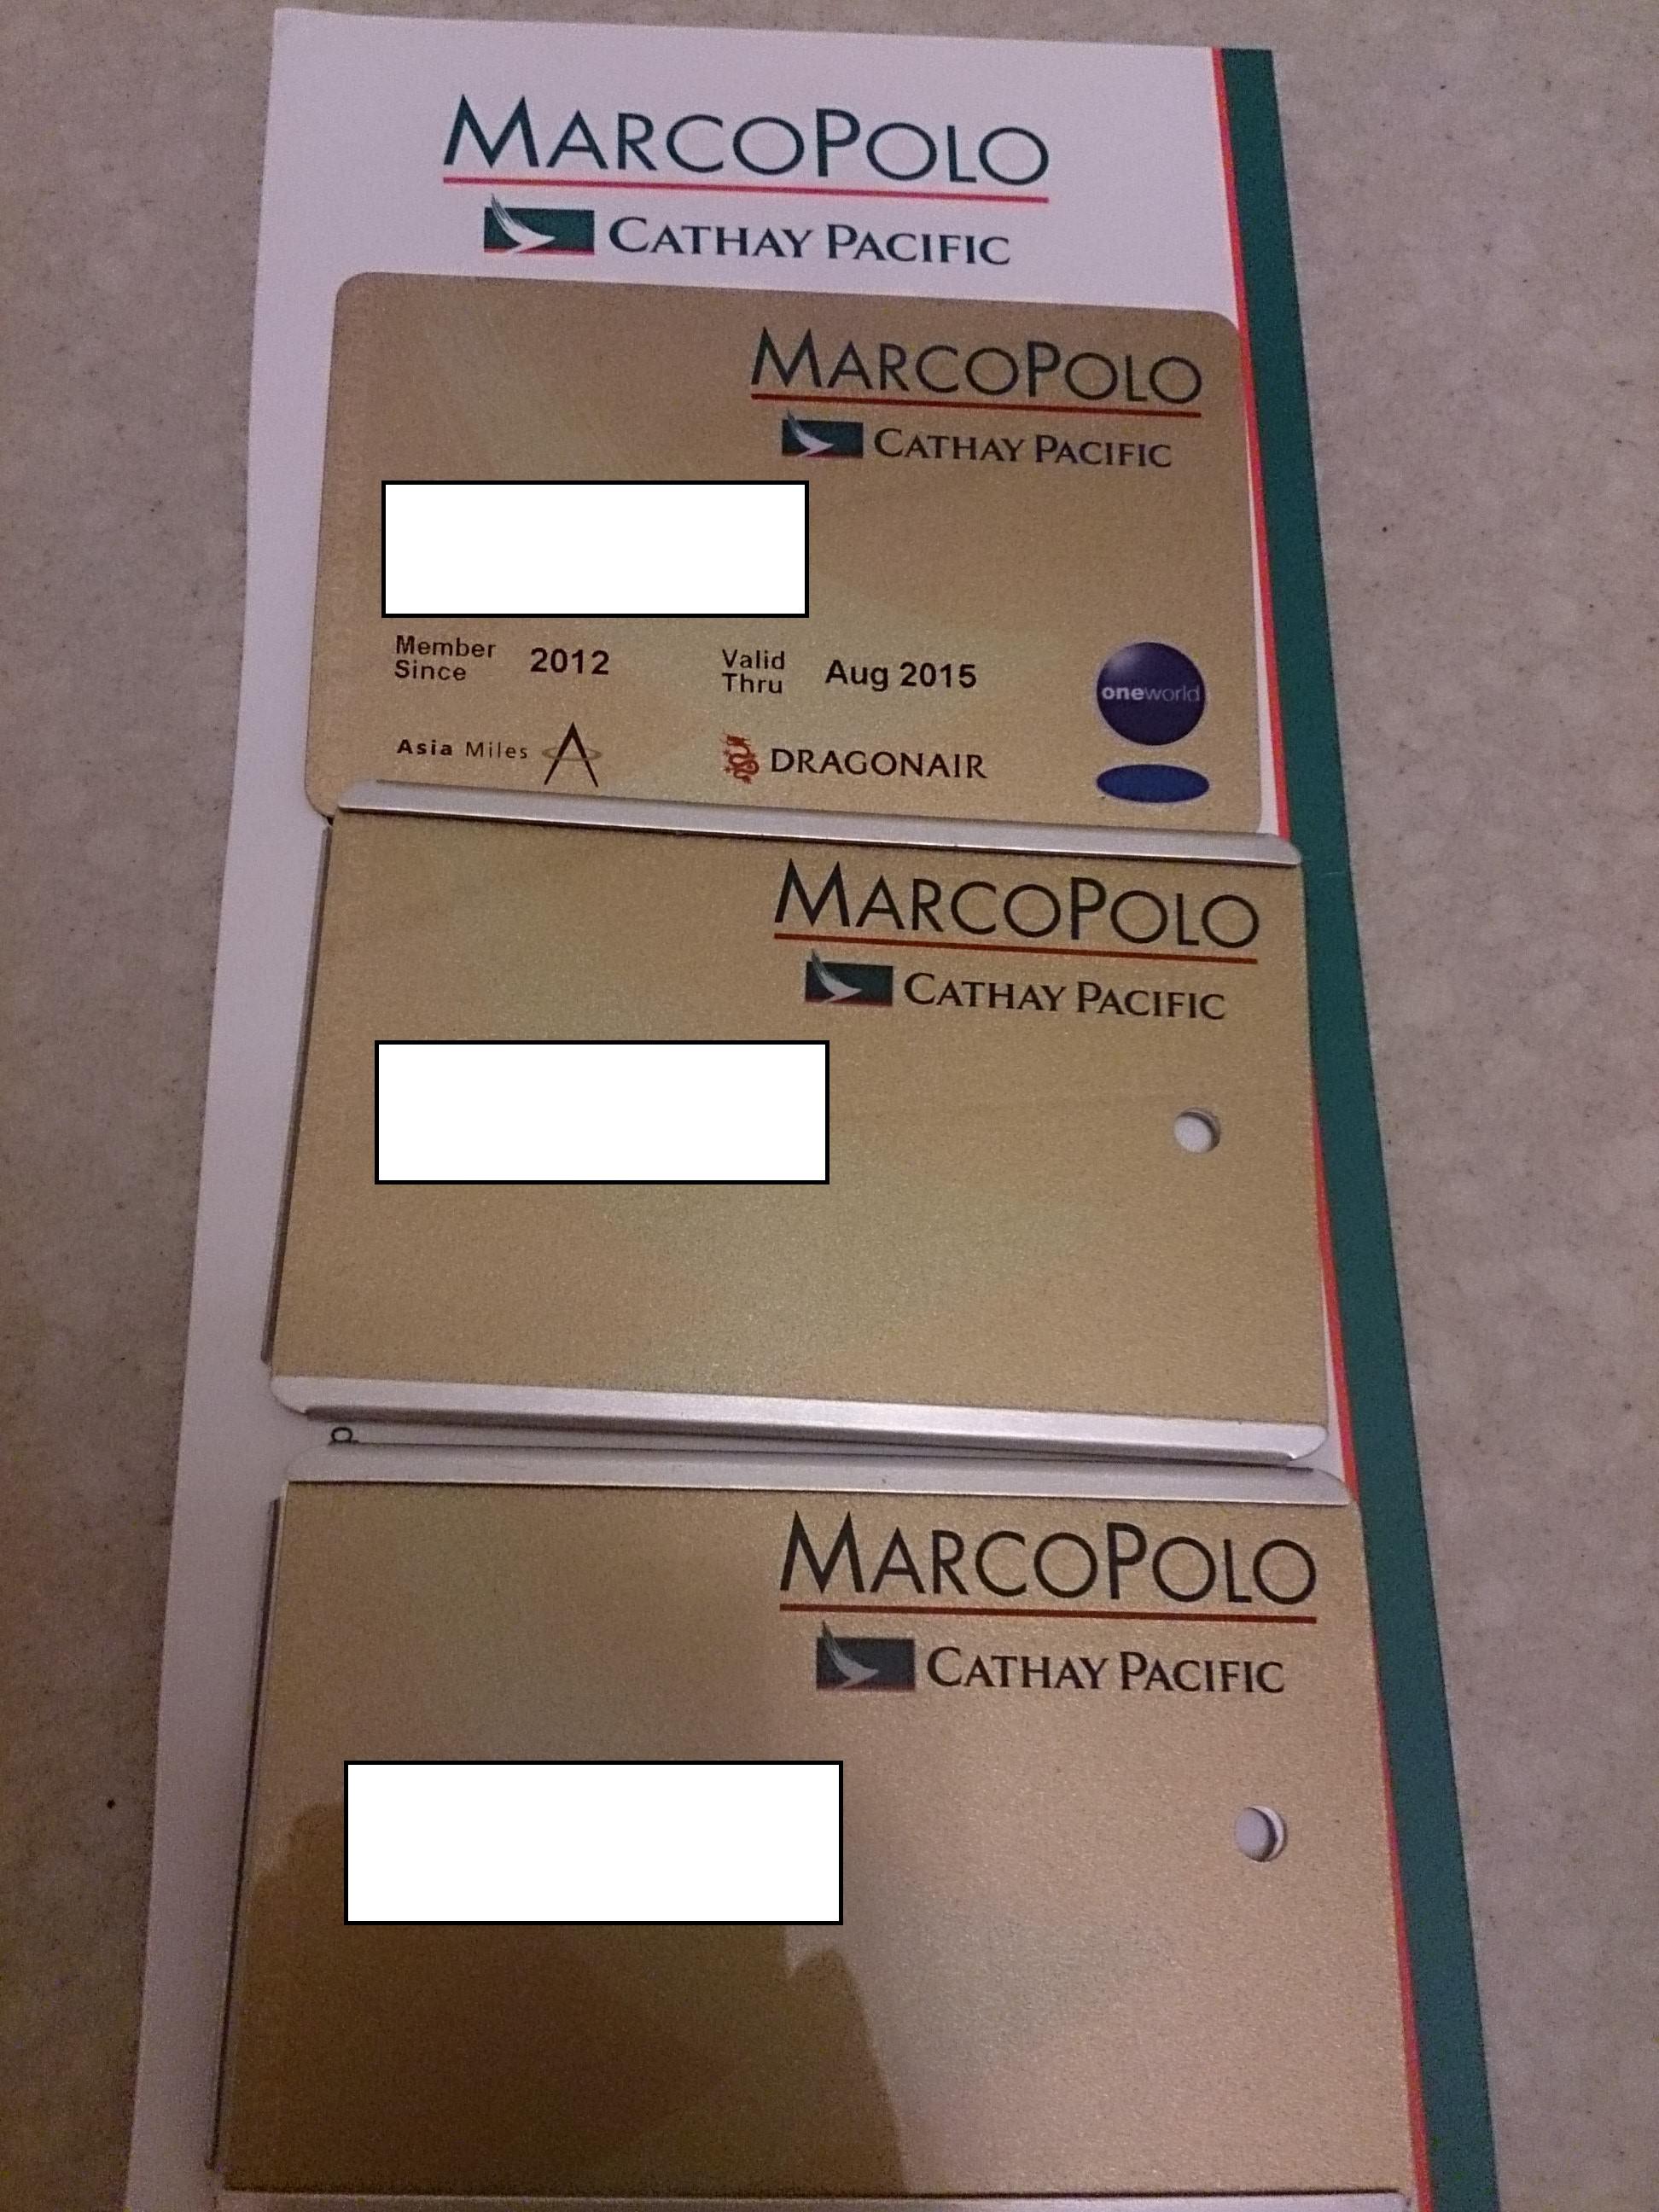 CX 金丸子(マルコポーロ ゴールド)に昇格